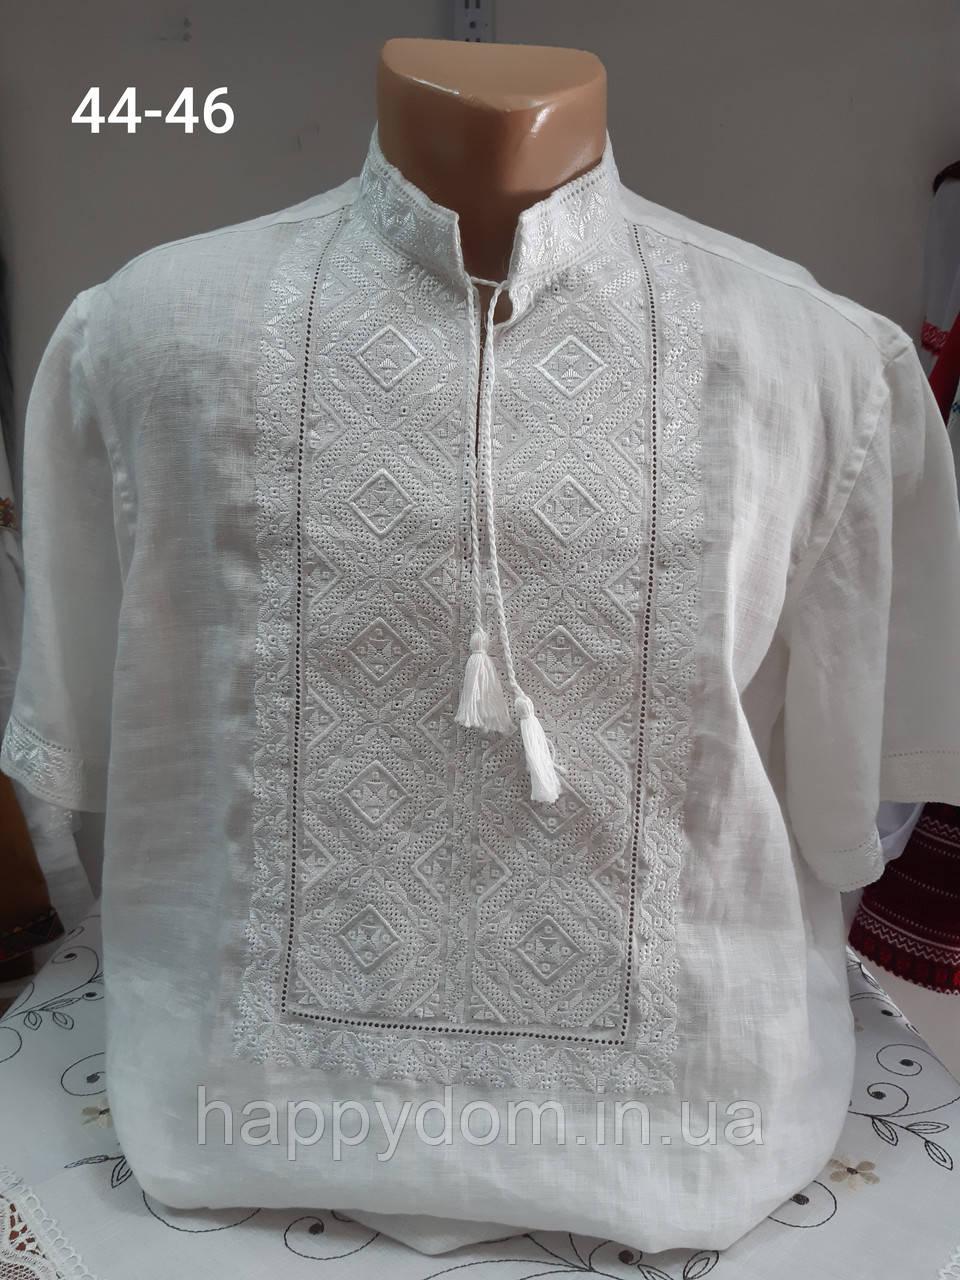 Рубашка вышиванка вышитая белая по белому